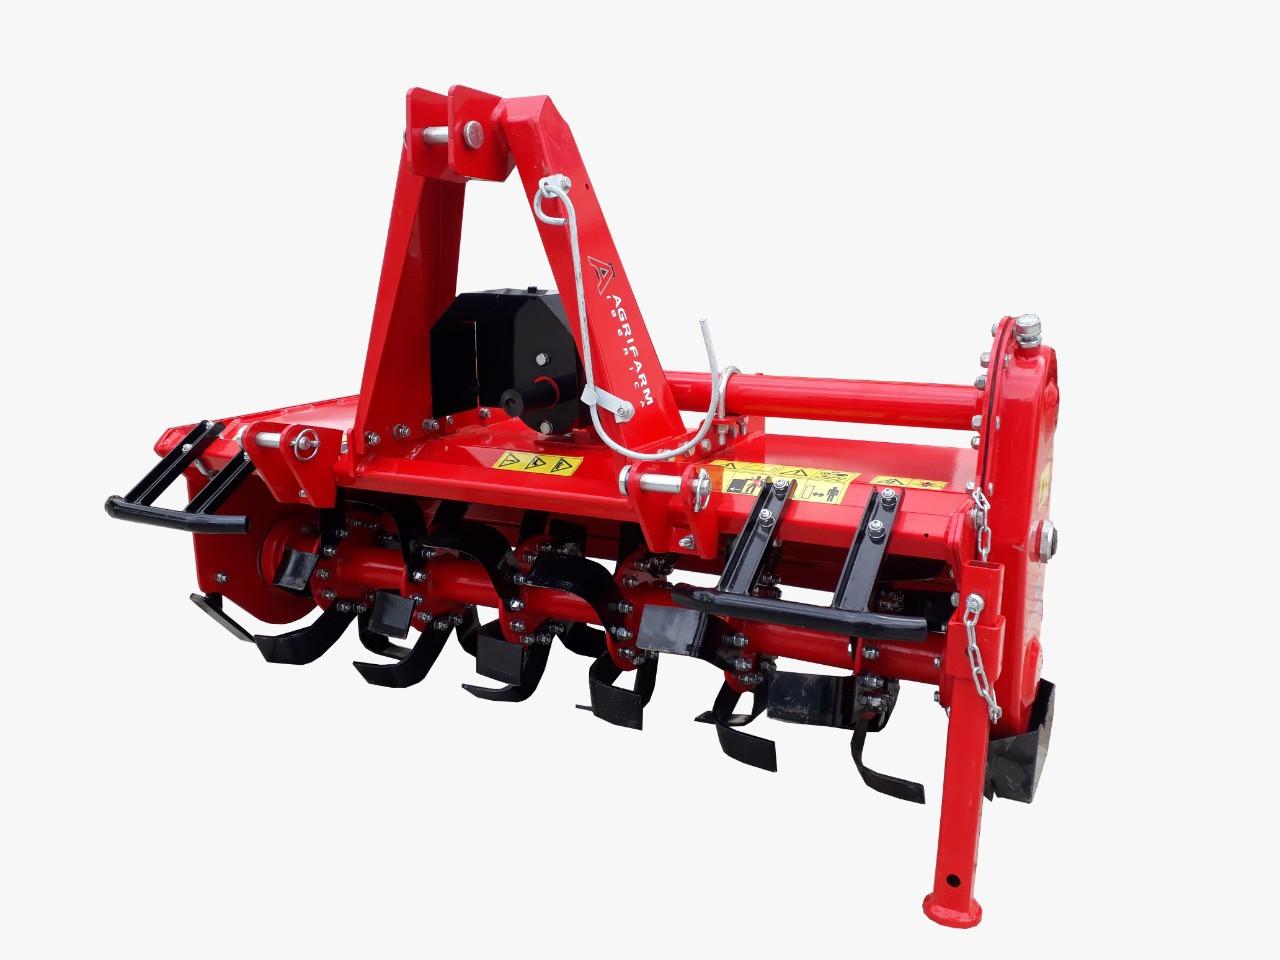 Fresa rotativa de serie ligera, para tractores y minitractores de hasta 40 Cv. Indicada para labores en jardines y huertos.  Profundidad de labor: 165 mm.